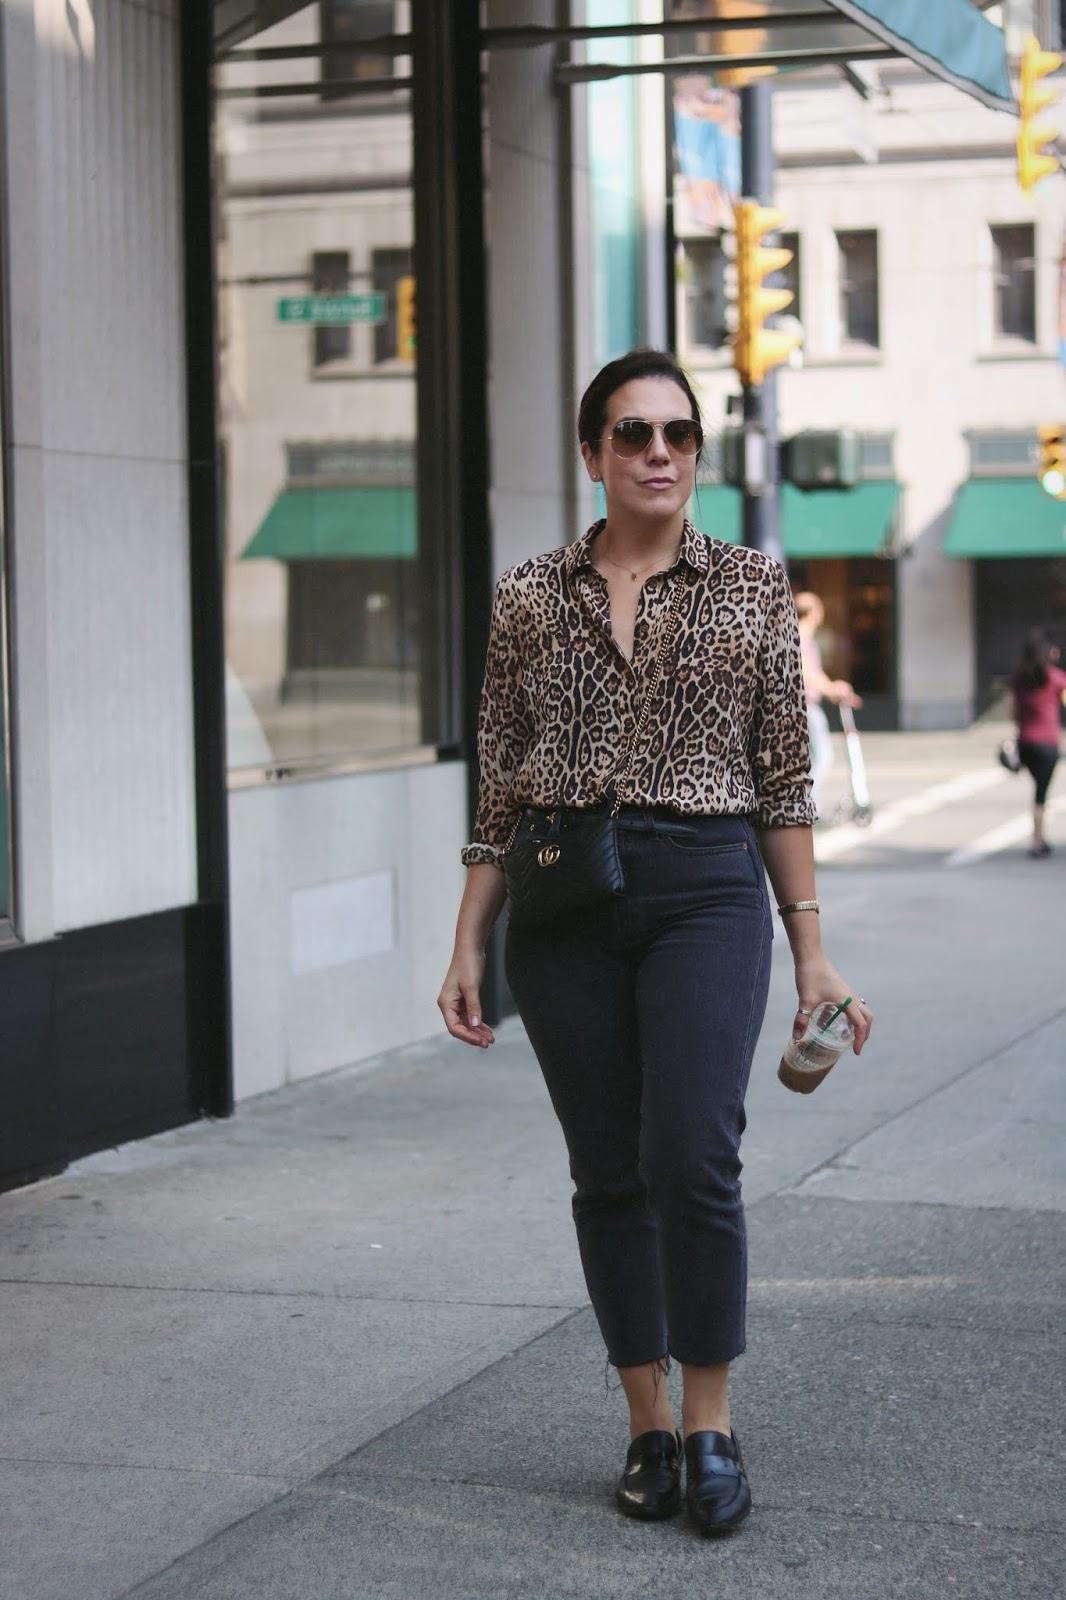 leopard print blouse outfit levis wedgie gucci marmont bag vancouver fashion blogger